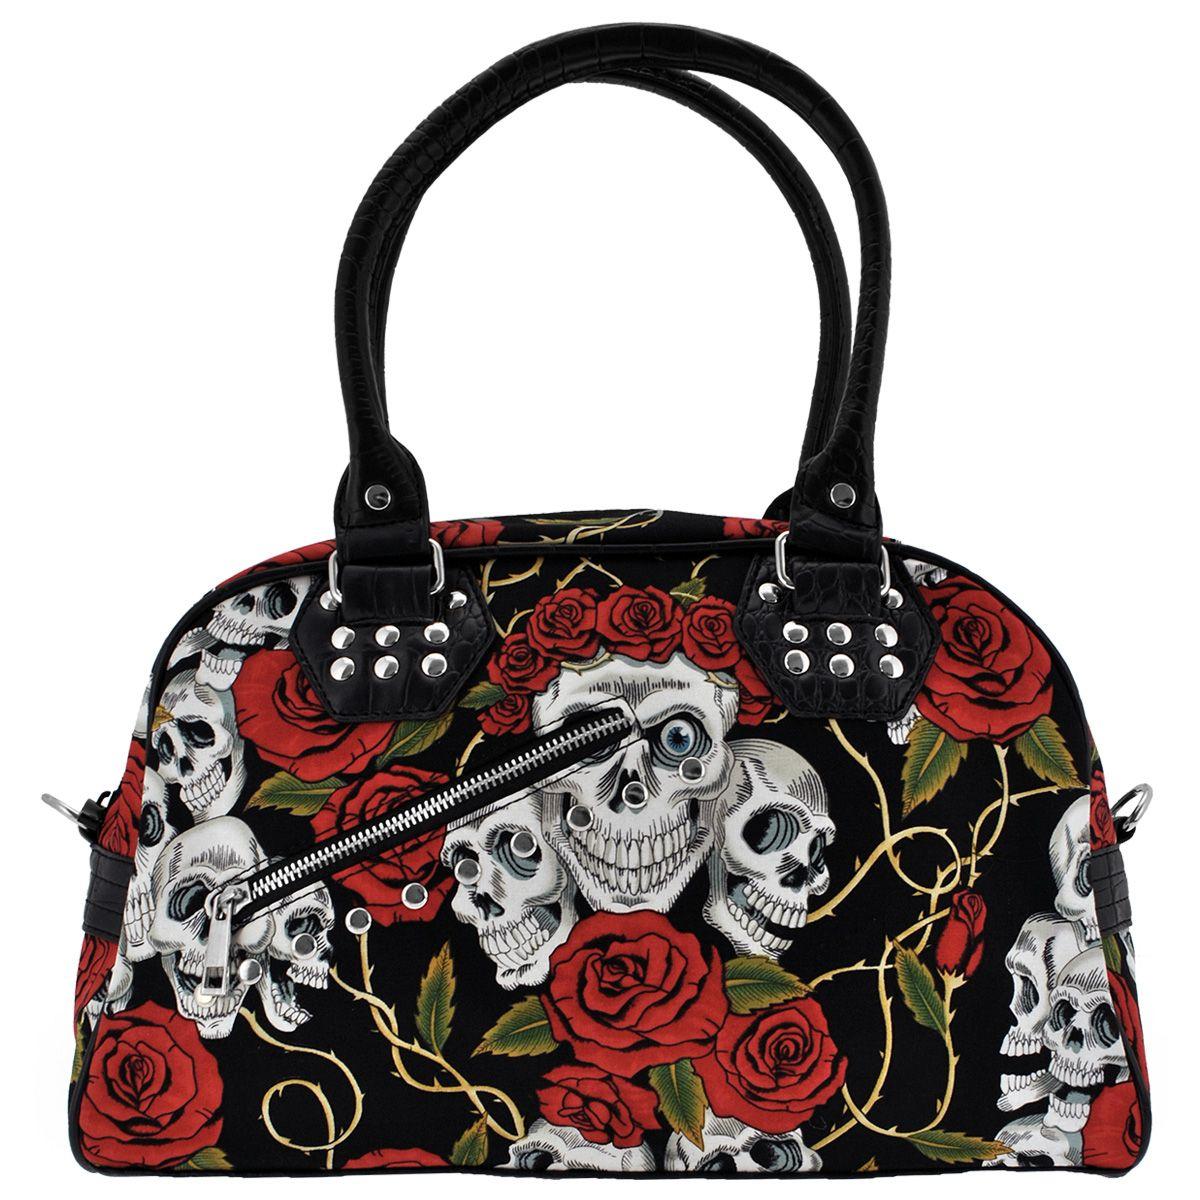 sac bandouliere avec des roses